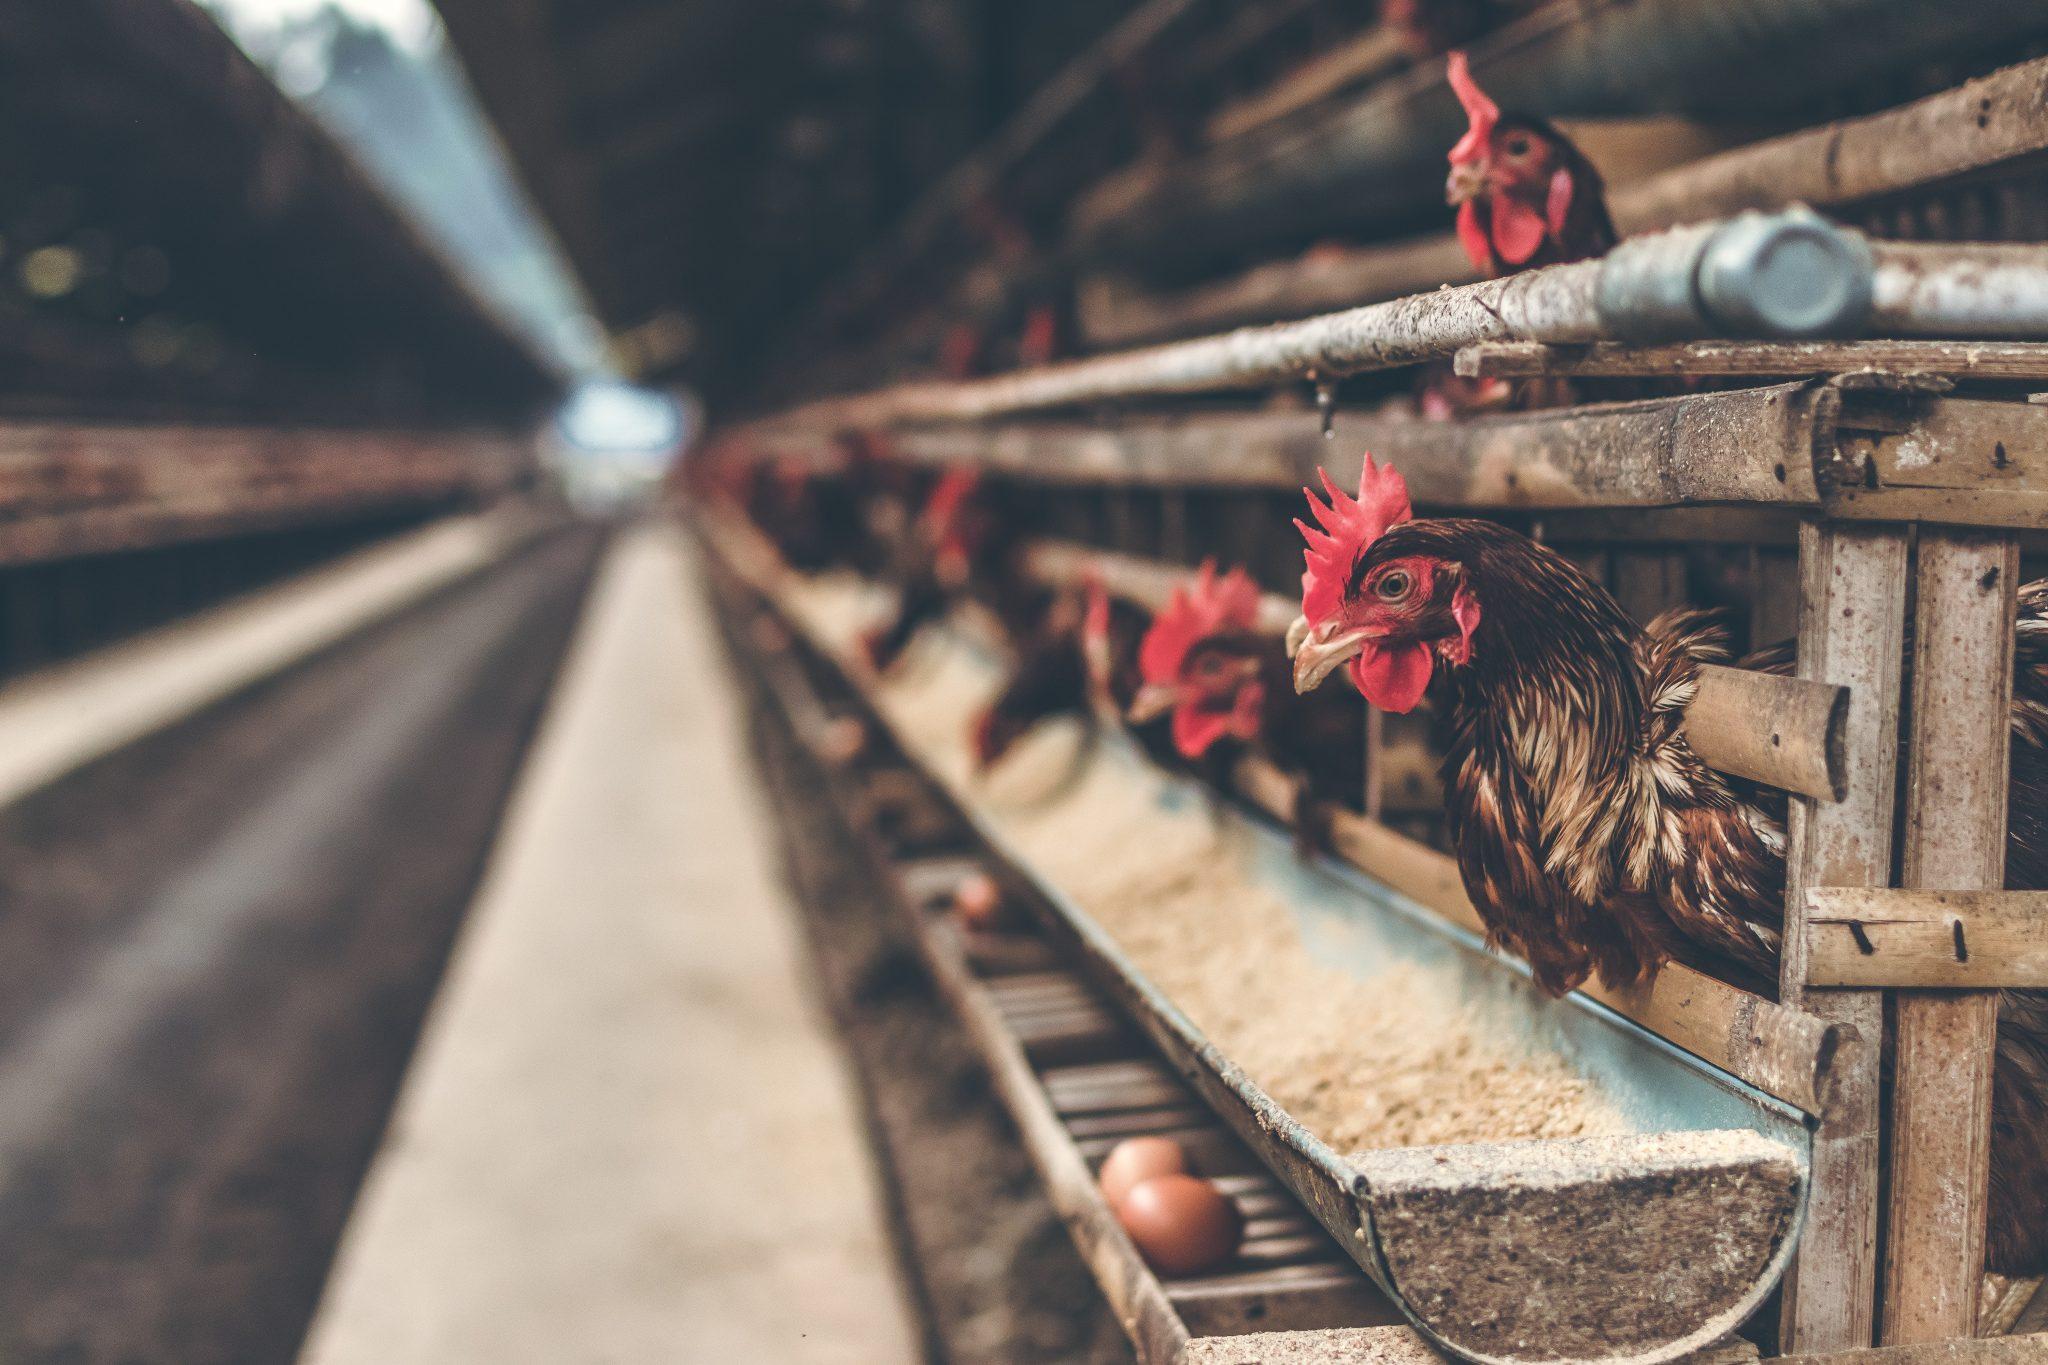 Fugleinfluenzaen breder sig - op mod 100.000 fjerkræ aflivet